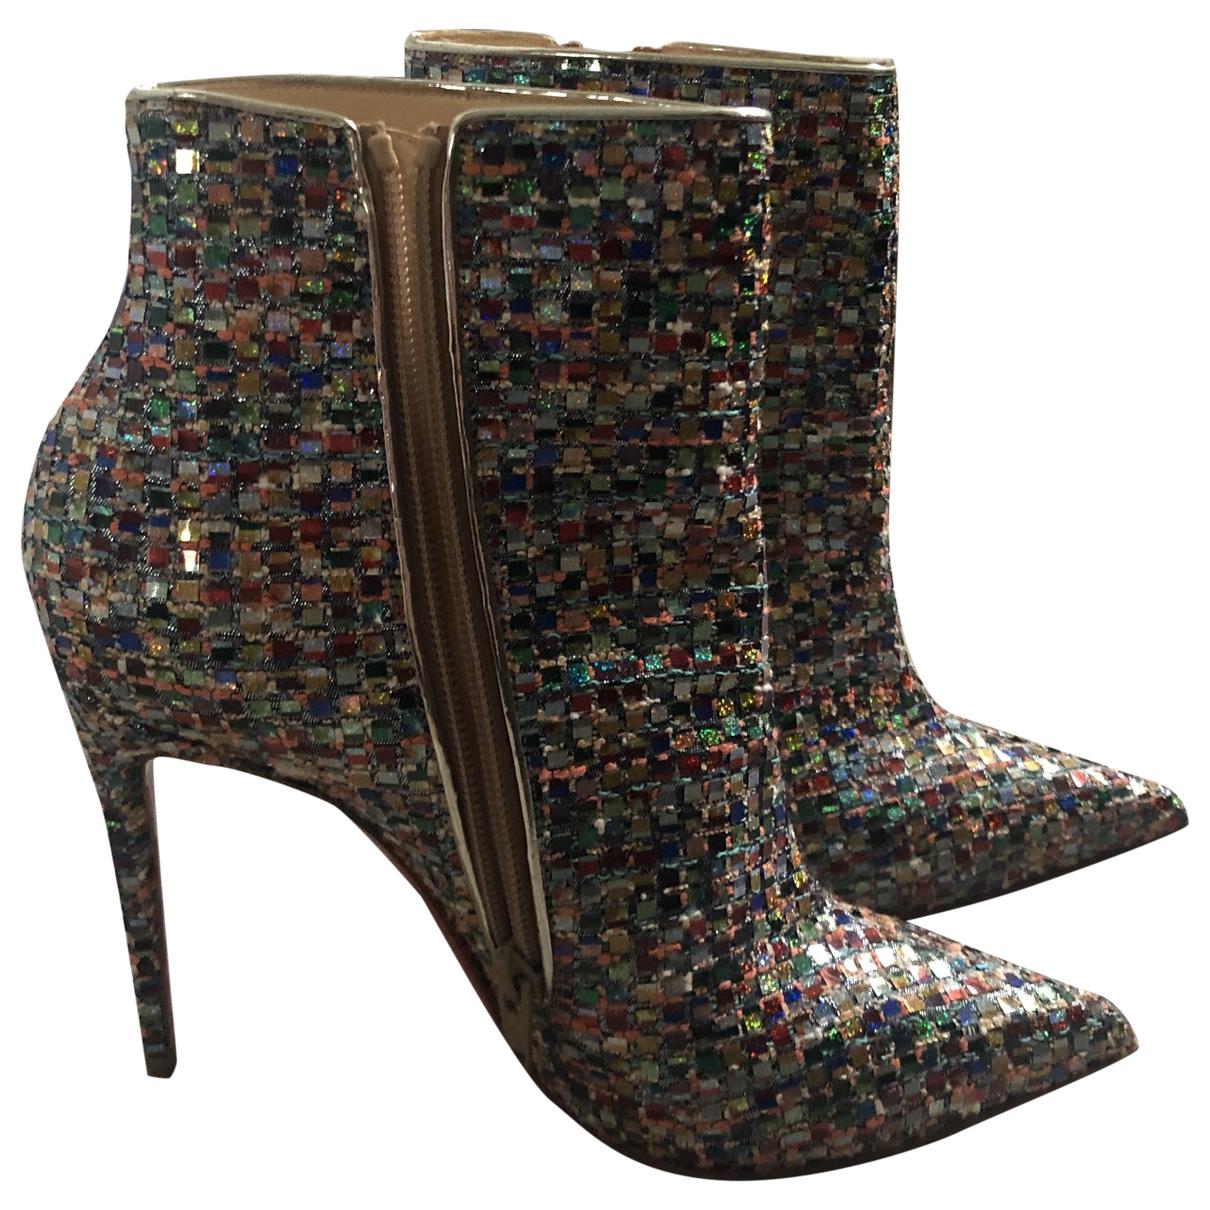 Christian Louboutin - Boots So Kate Booty pour femme en a paillettes - multicolore